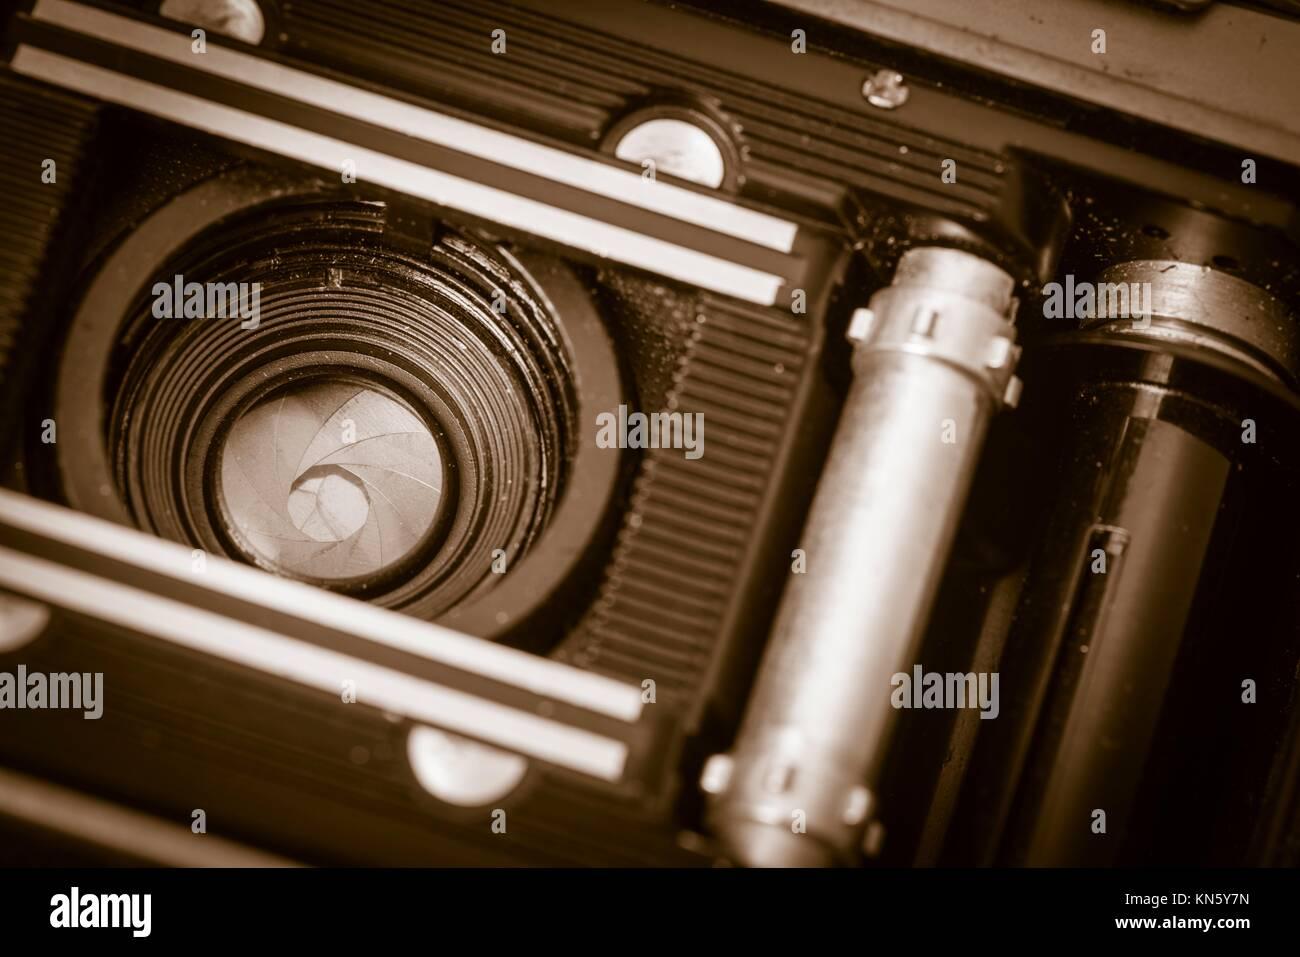 Vue de l'intérieur du vieux rétro caméra film 35 mm avec l'arrière couvercle ouvert, la lentille est montrant. Nostalgie Banque D'Images